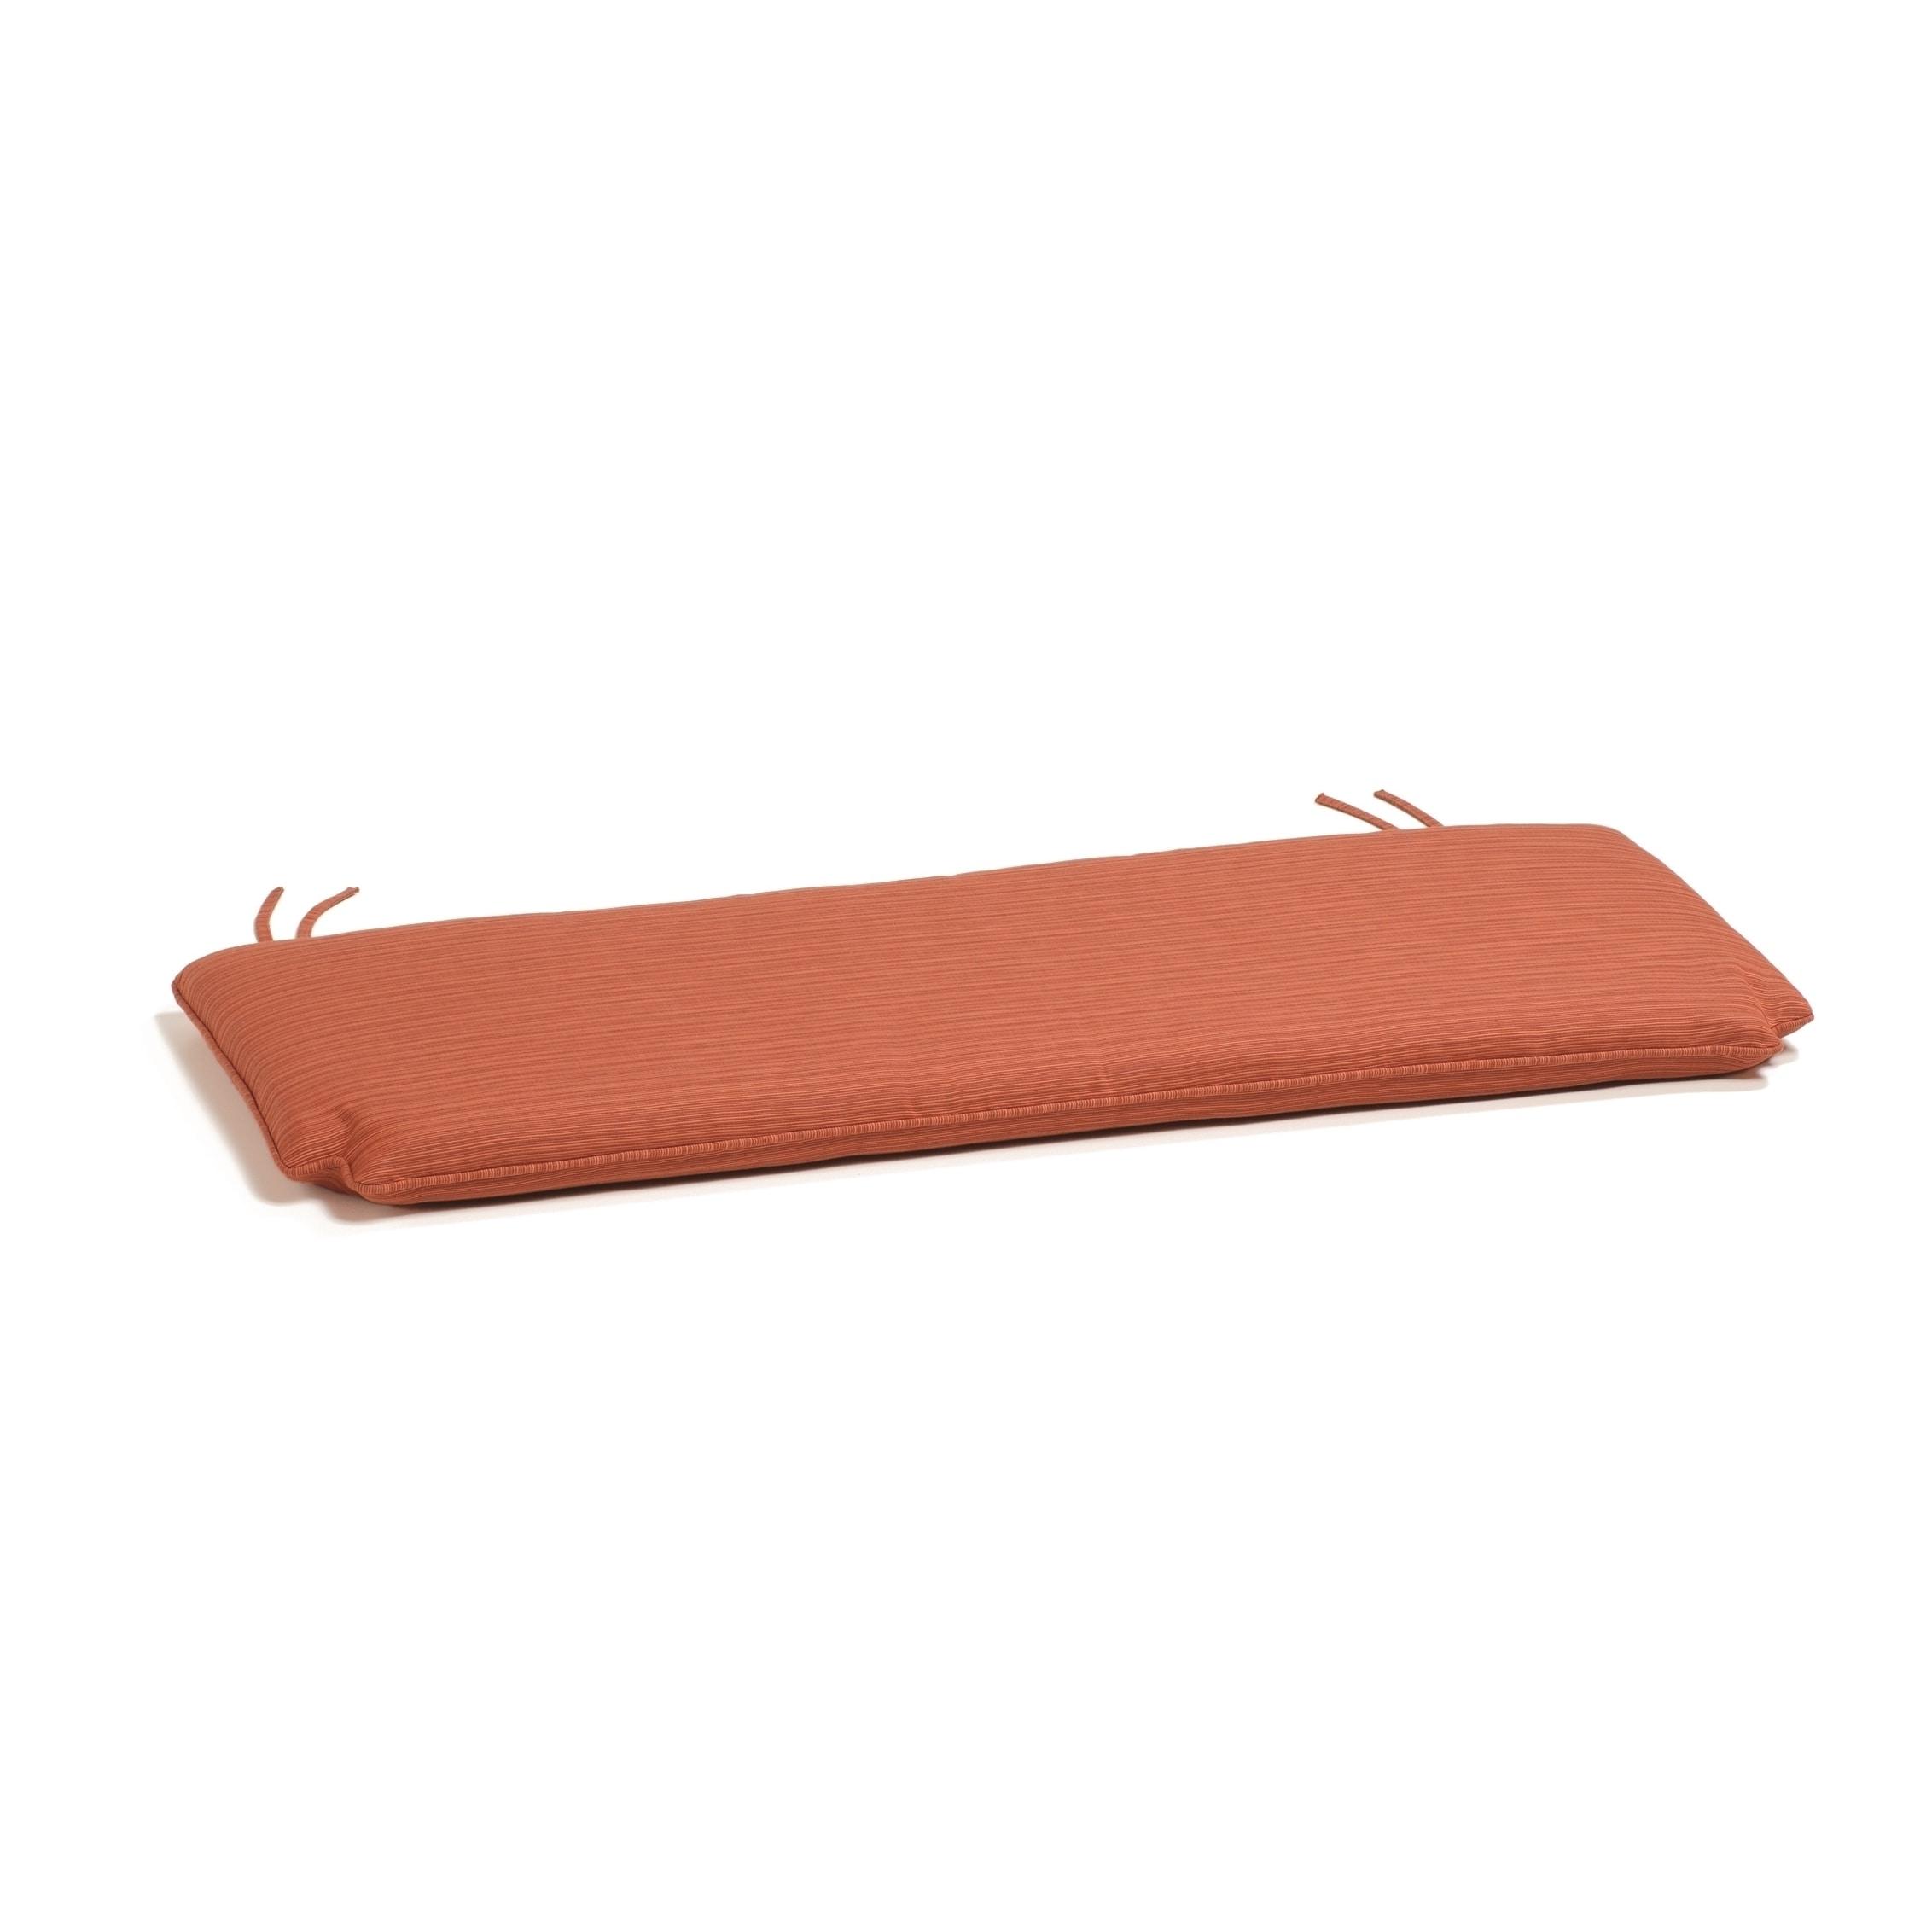 Oxford Garden Sunbrella Cushion For 48 Inch Bench Ebay